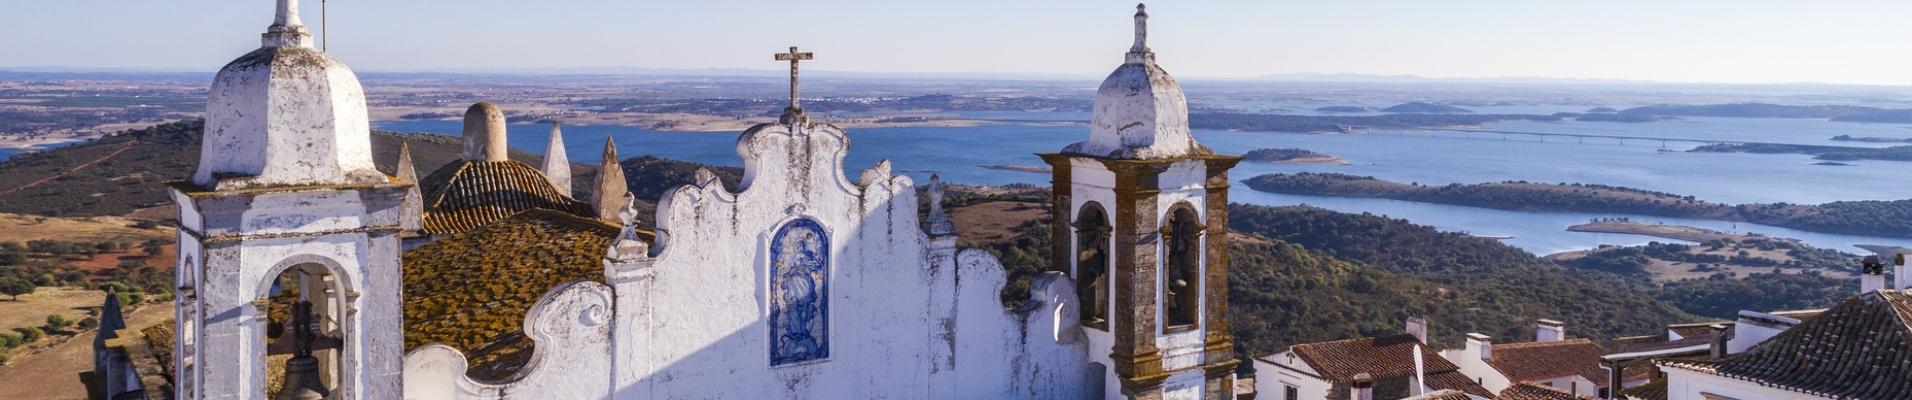 thématique voyage portugal